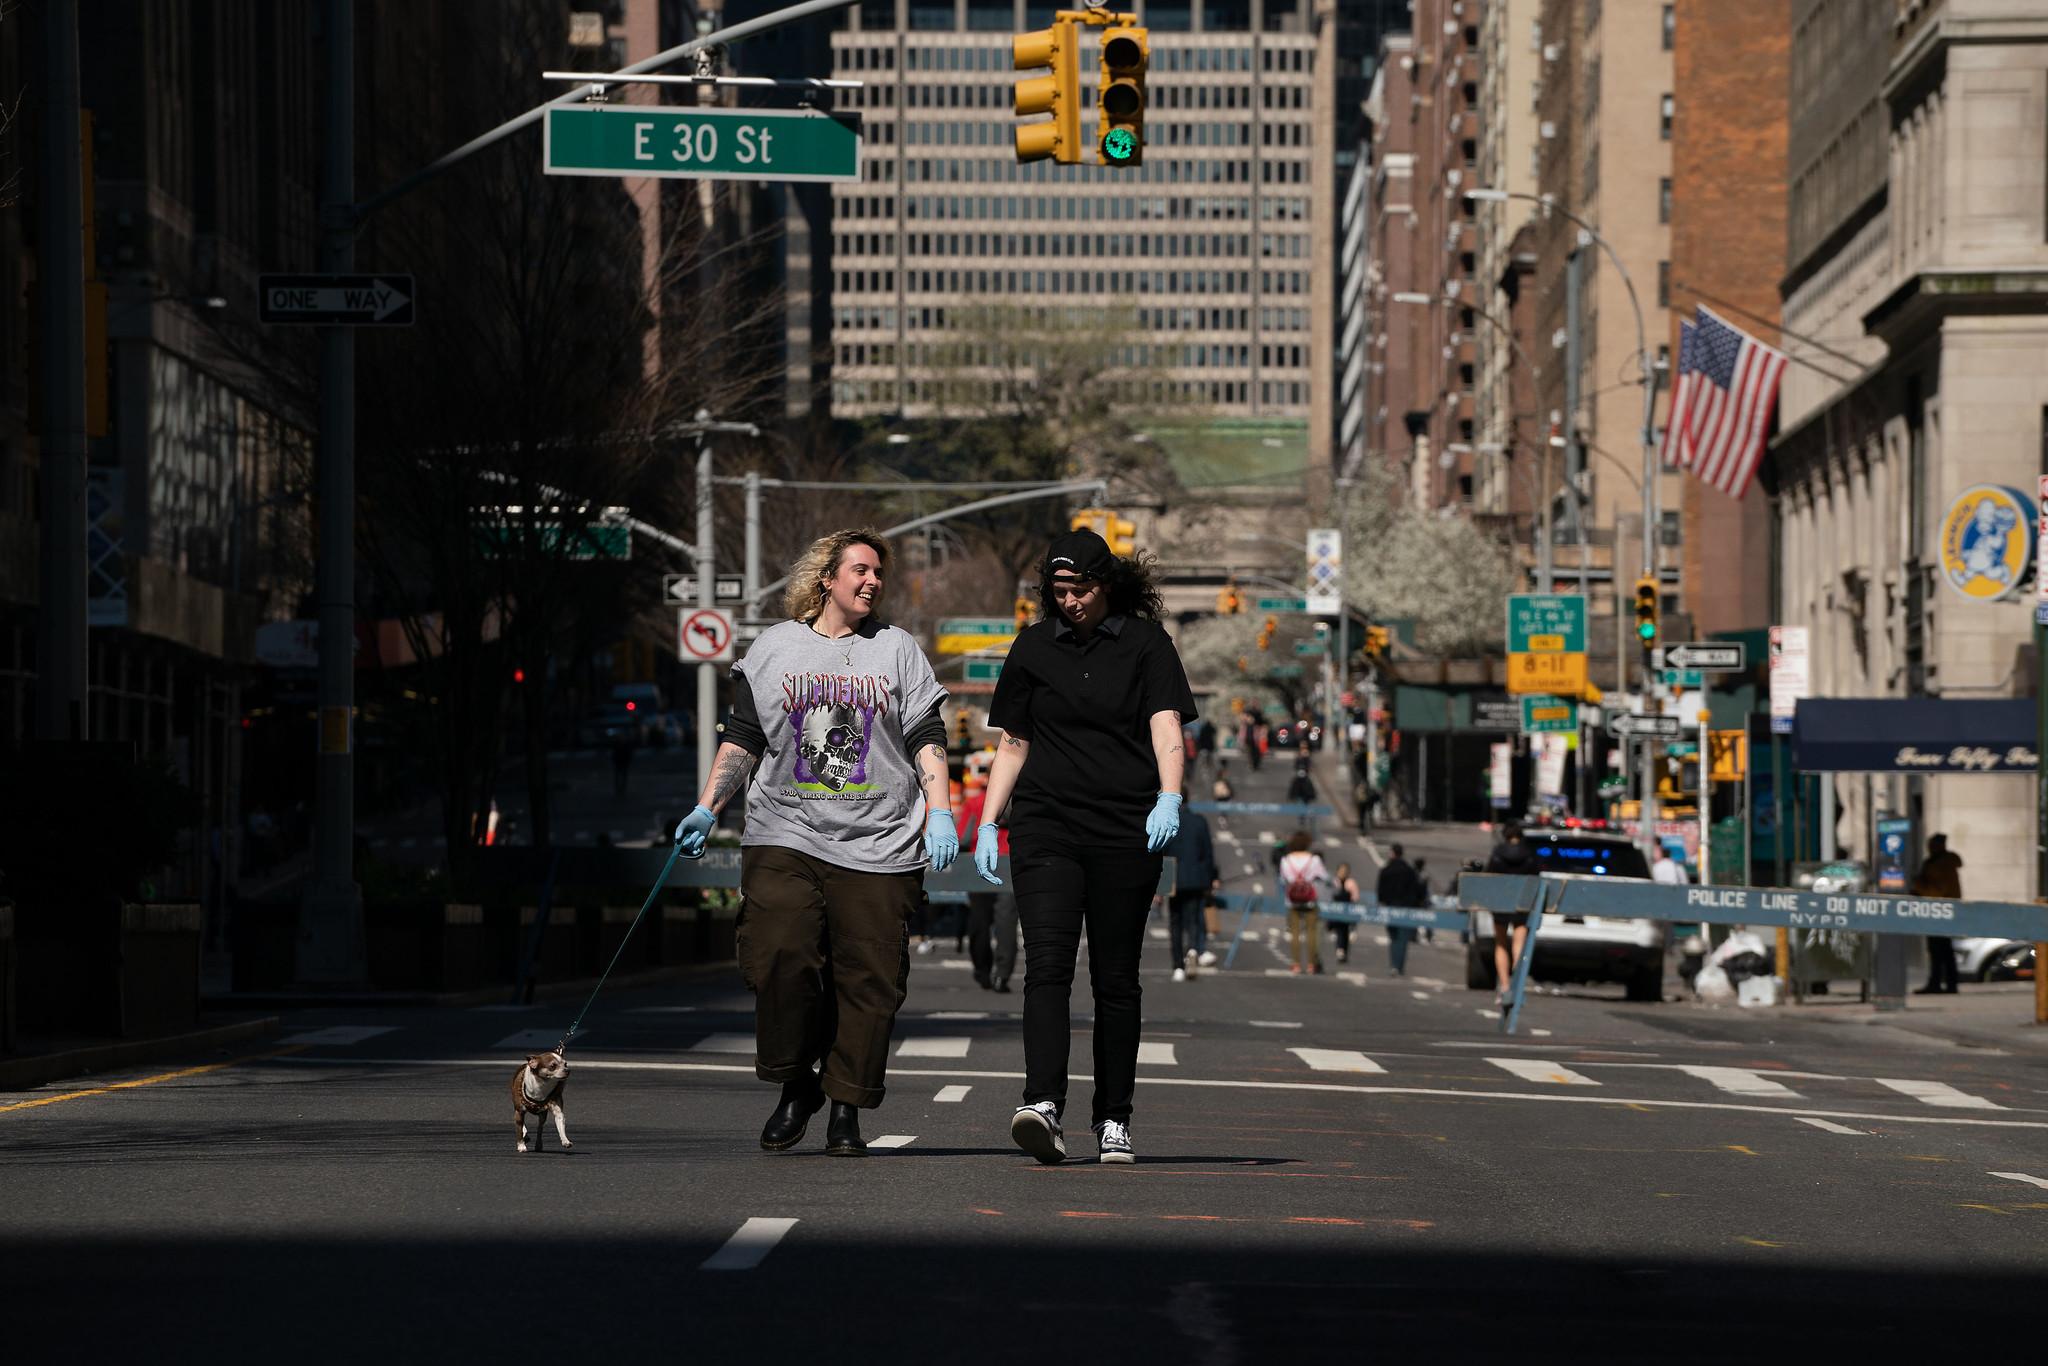 De Blasio shuts down NYC's coronavirus car ban program, defying Cuomo order